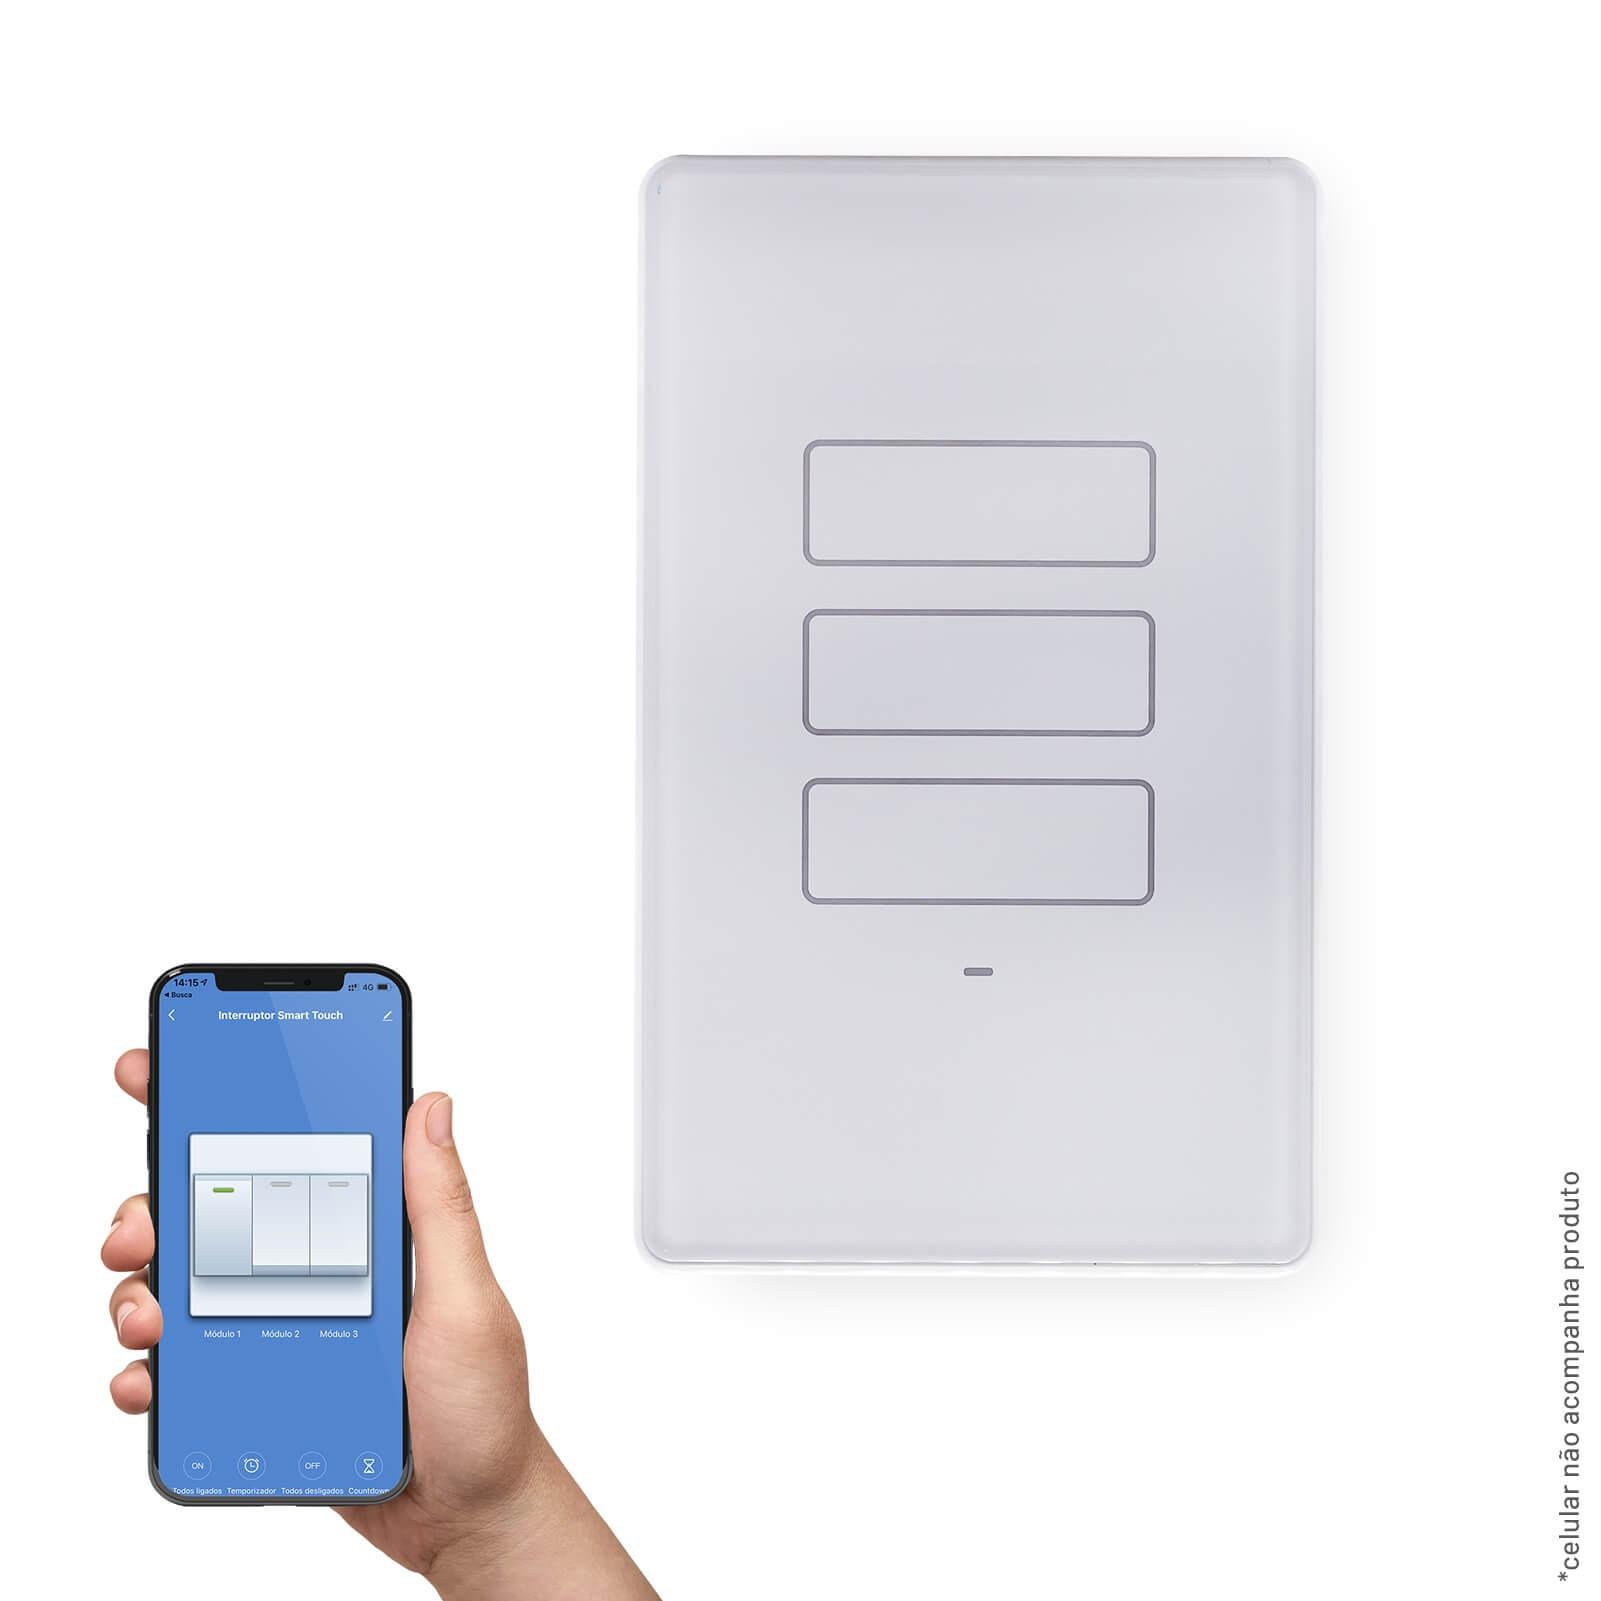 Conjunto Interruptor Inteligente Wi-Fi Smart Plug 3 modulos 10A - Lis